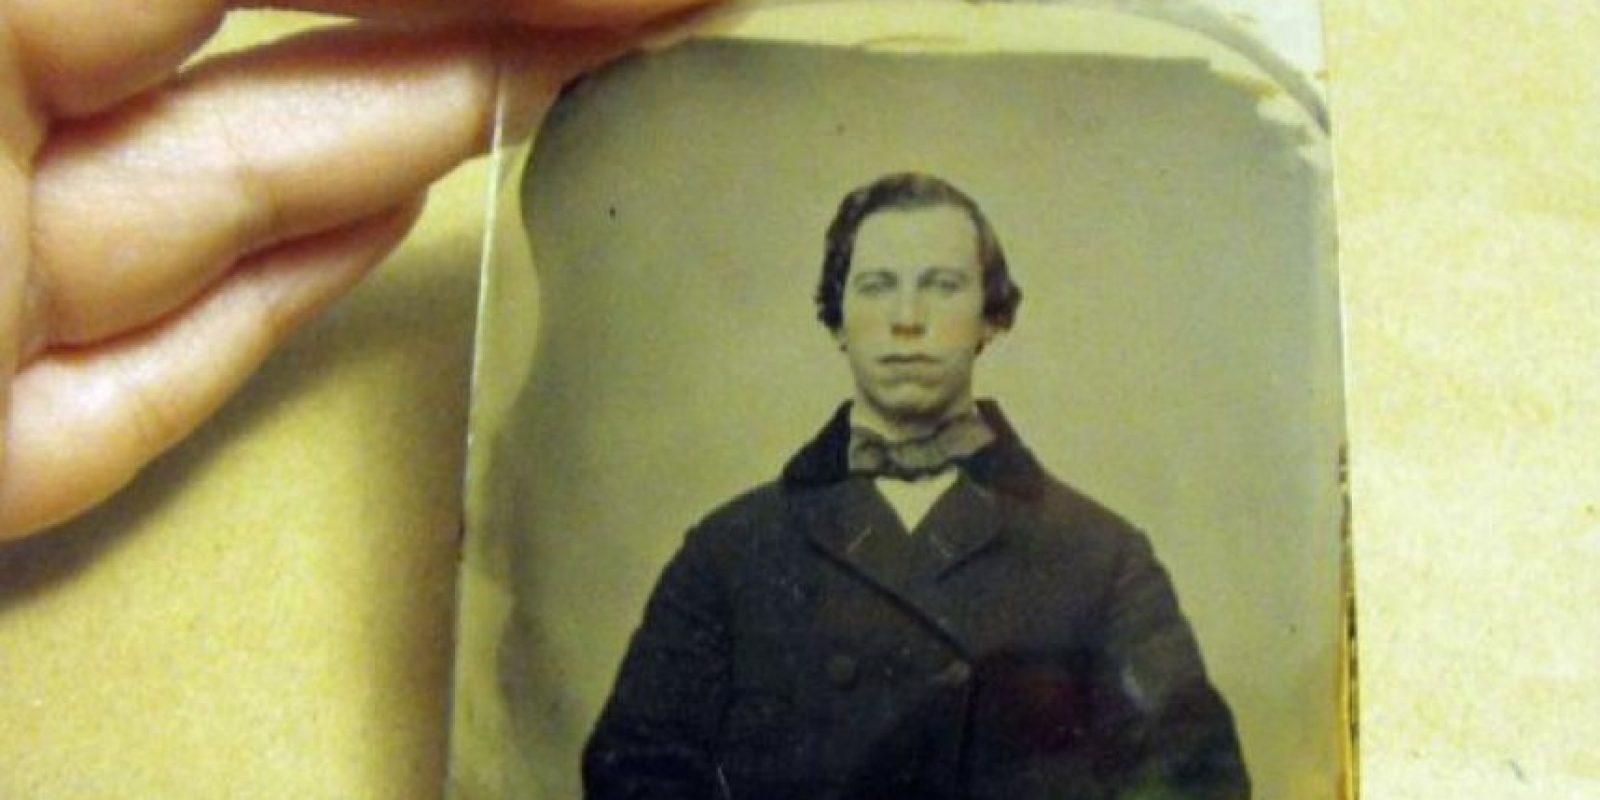 Este el hombre de este retrato de 1860. Foto:Ebay